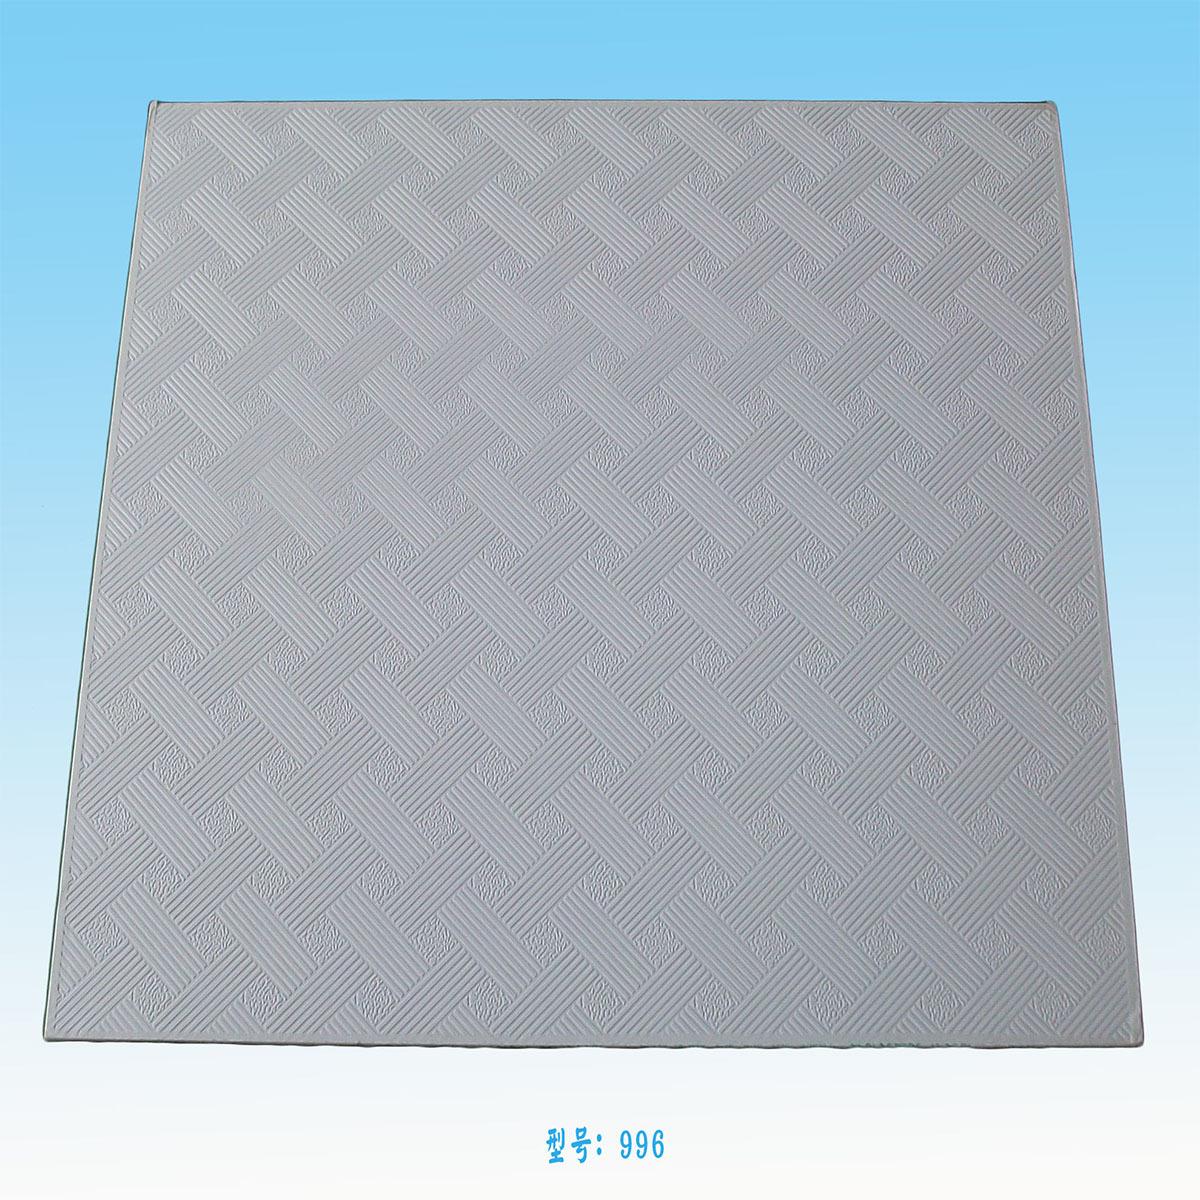 PVC覆膜石膏板 吊顶天花板 洁净板 贴面板 三防板 品质好又便宜